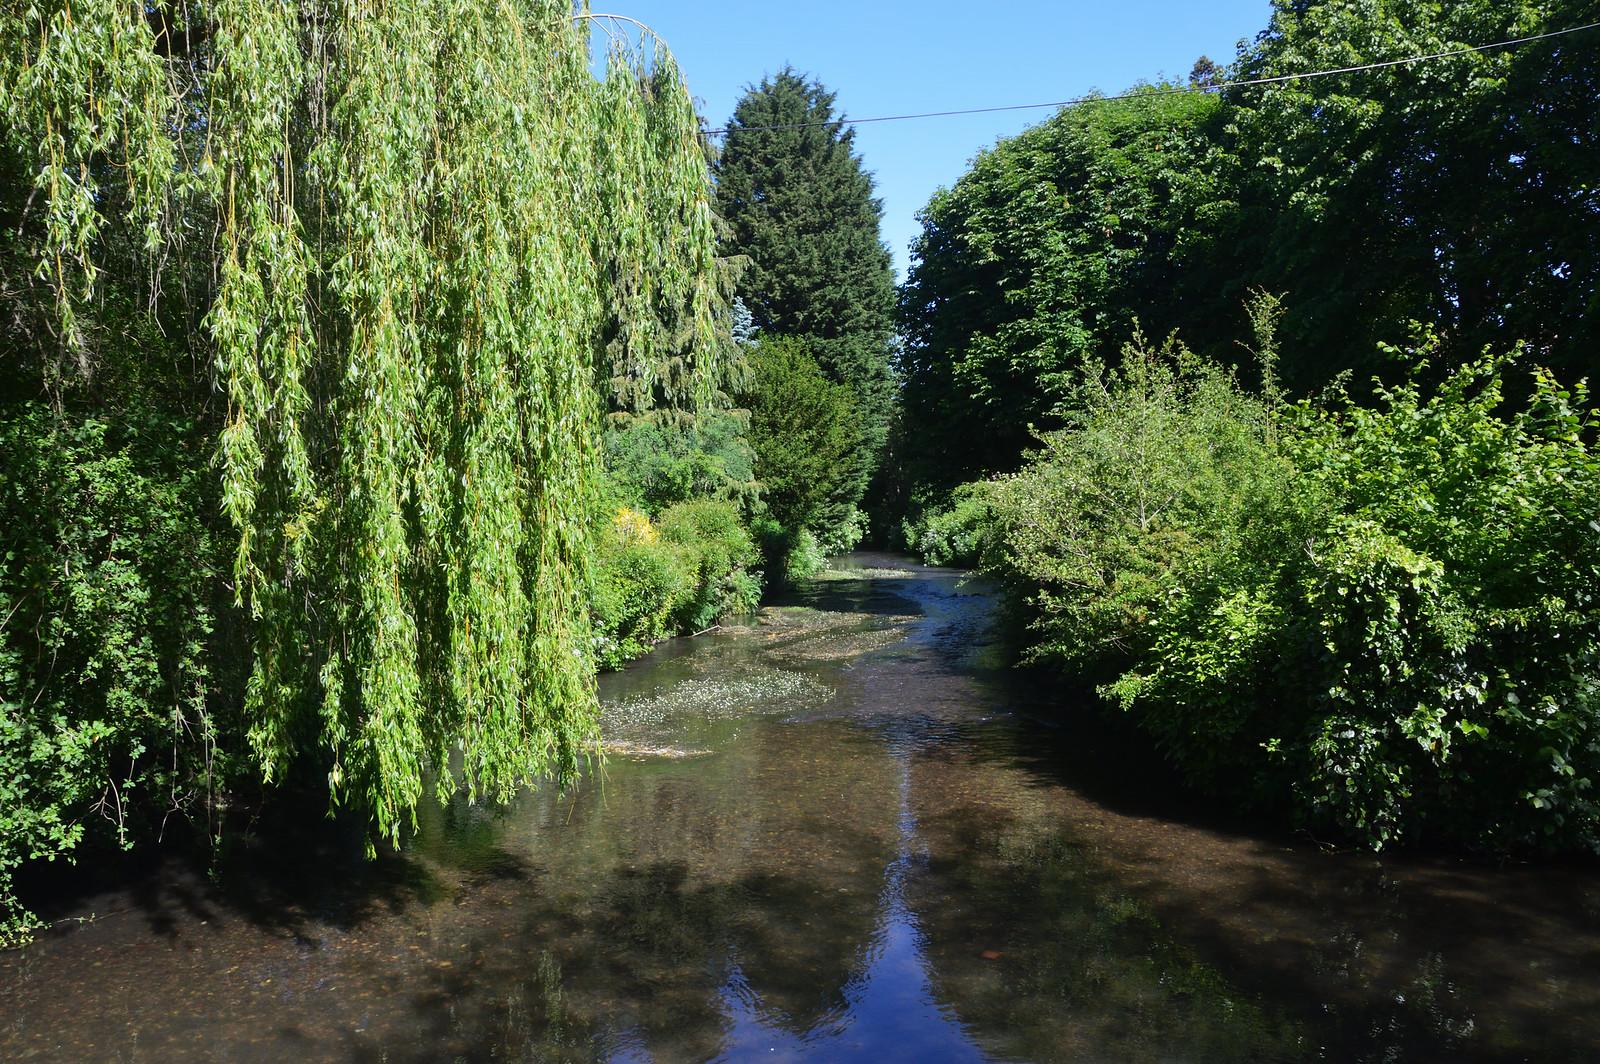 Shoreham River Darent